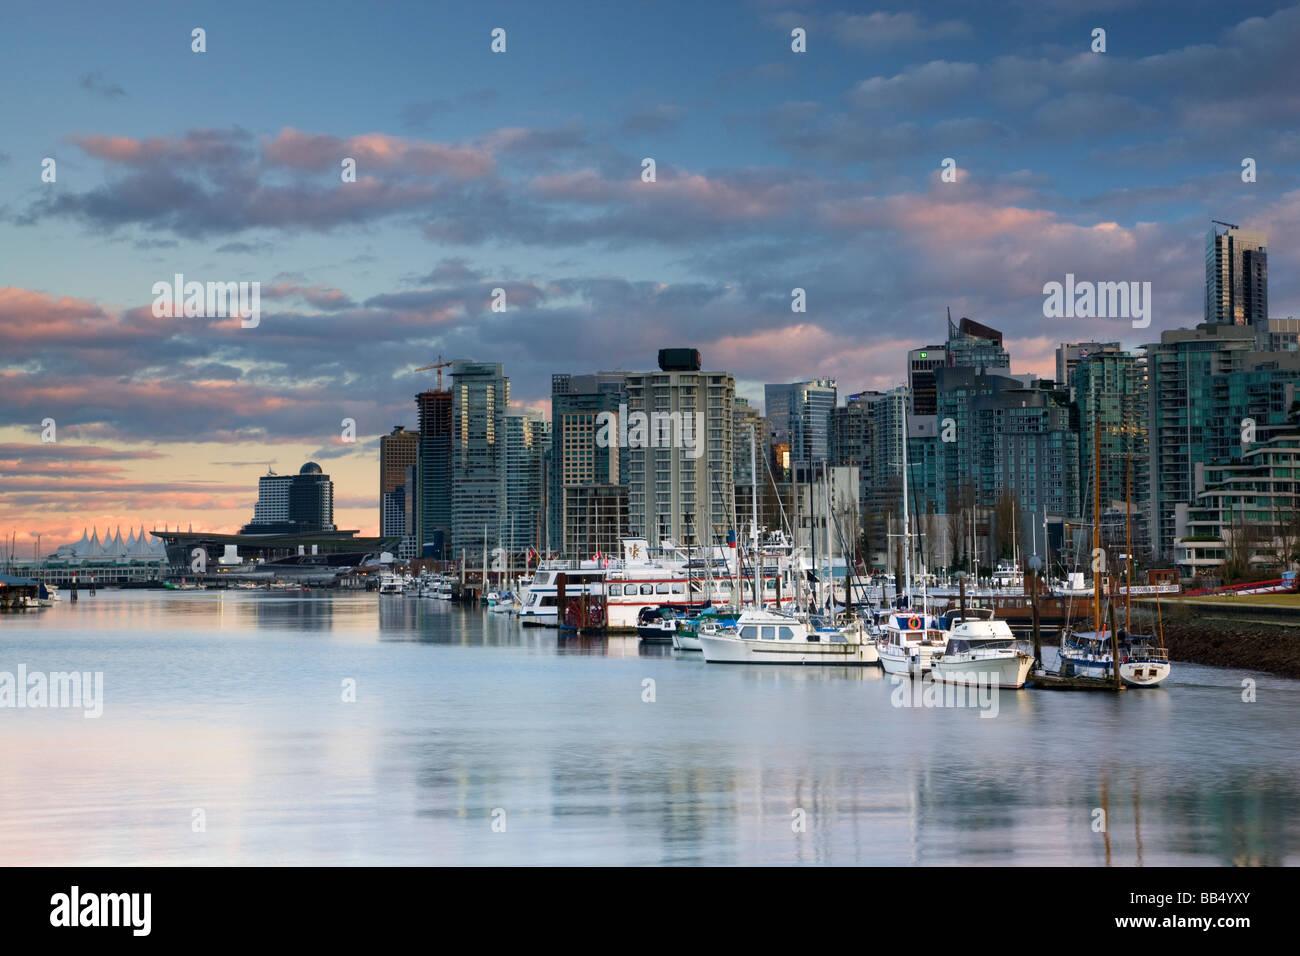 Lo skyline della città di Vancouver host le Olimpiadi Invernali 2010 della Columbia britannica in Canada Immagini Stock